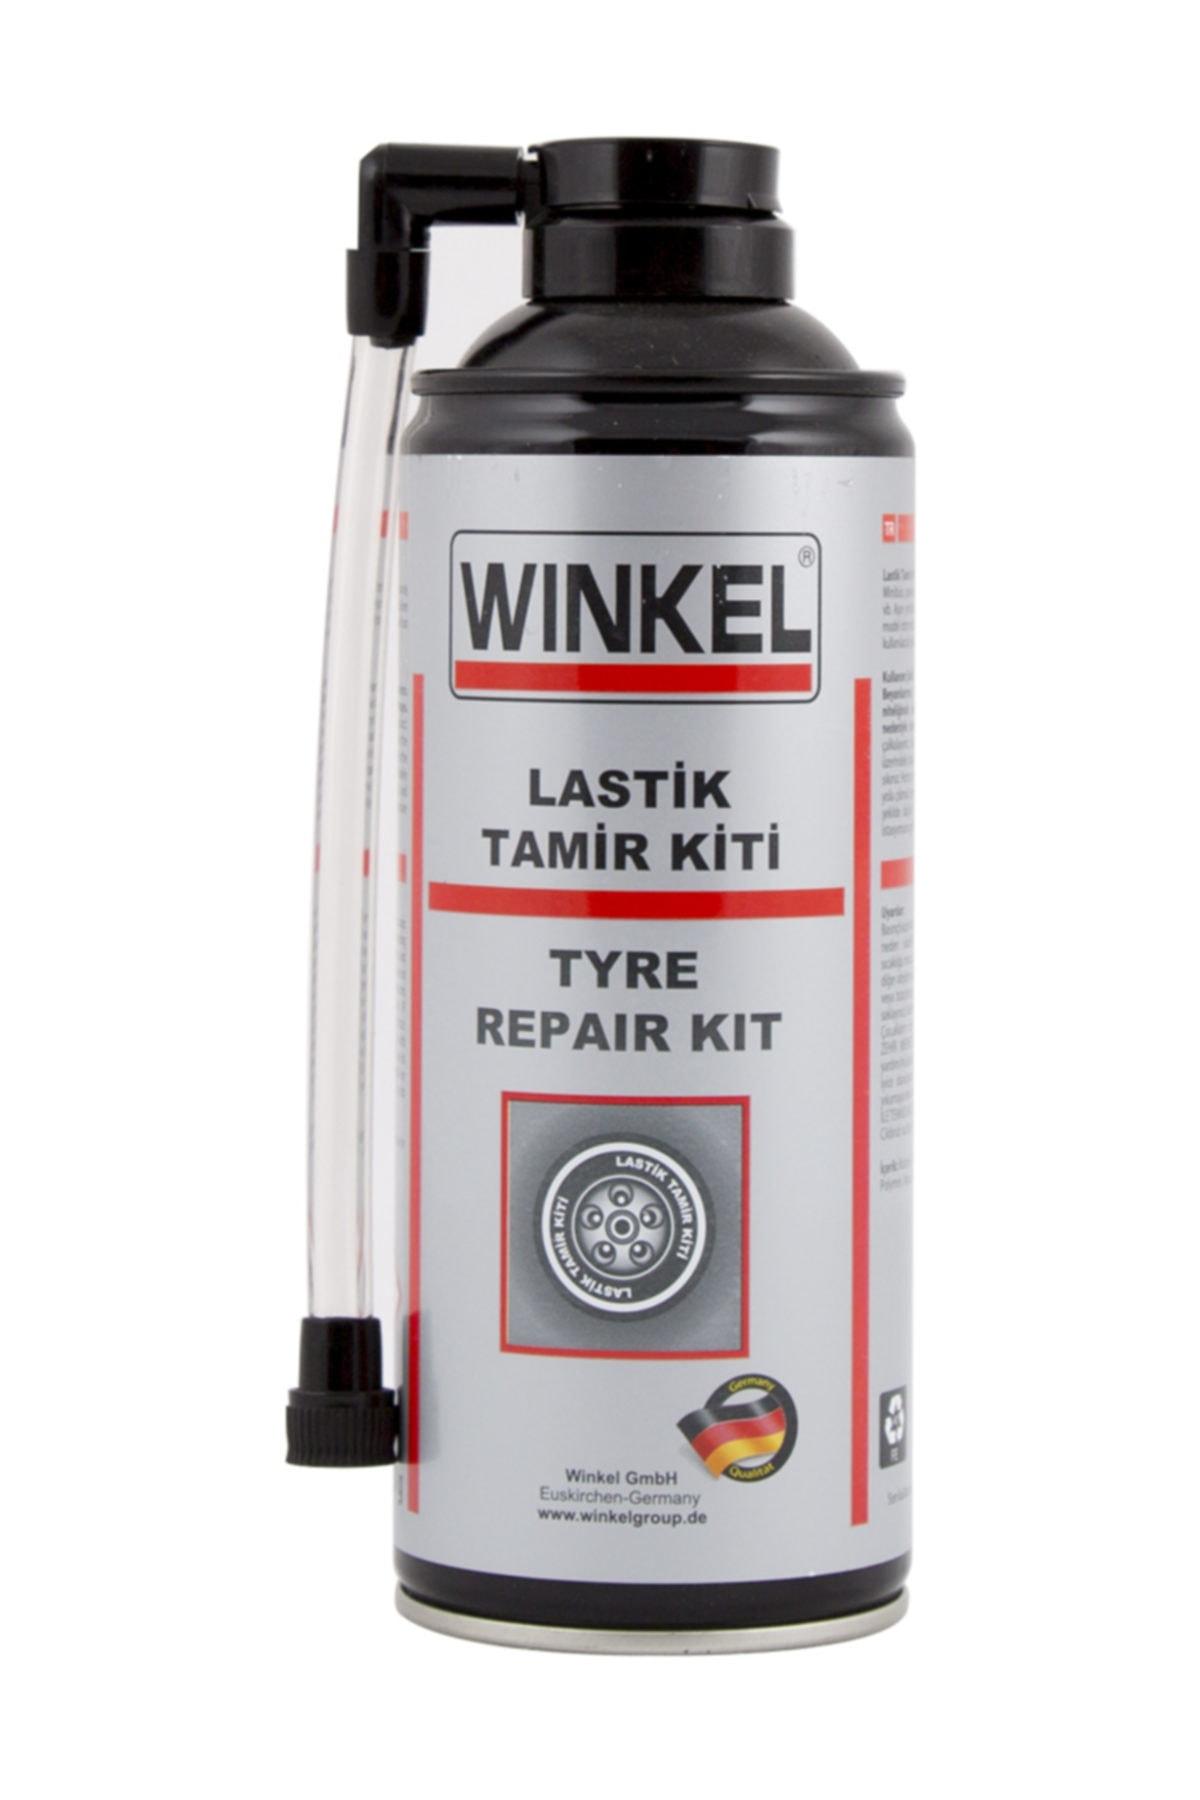 Winkel Lastik Tamir Kiti 300 ml 1